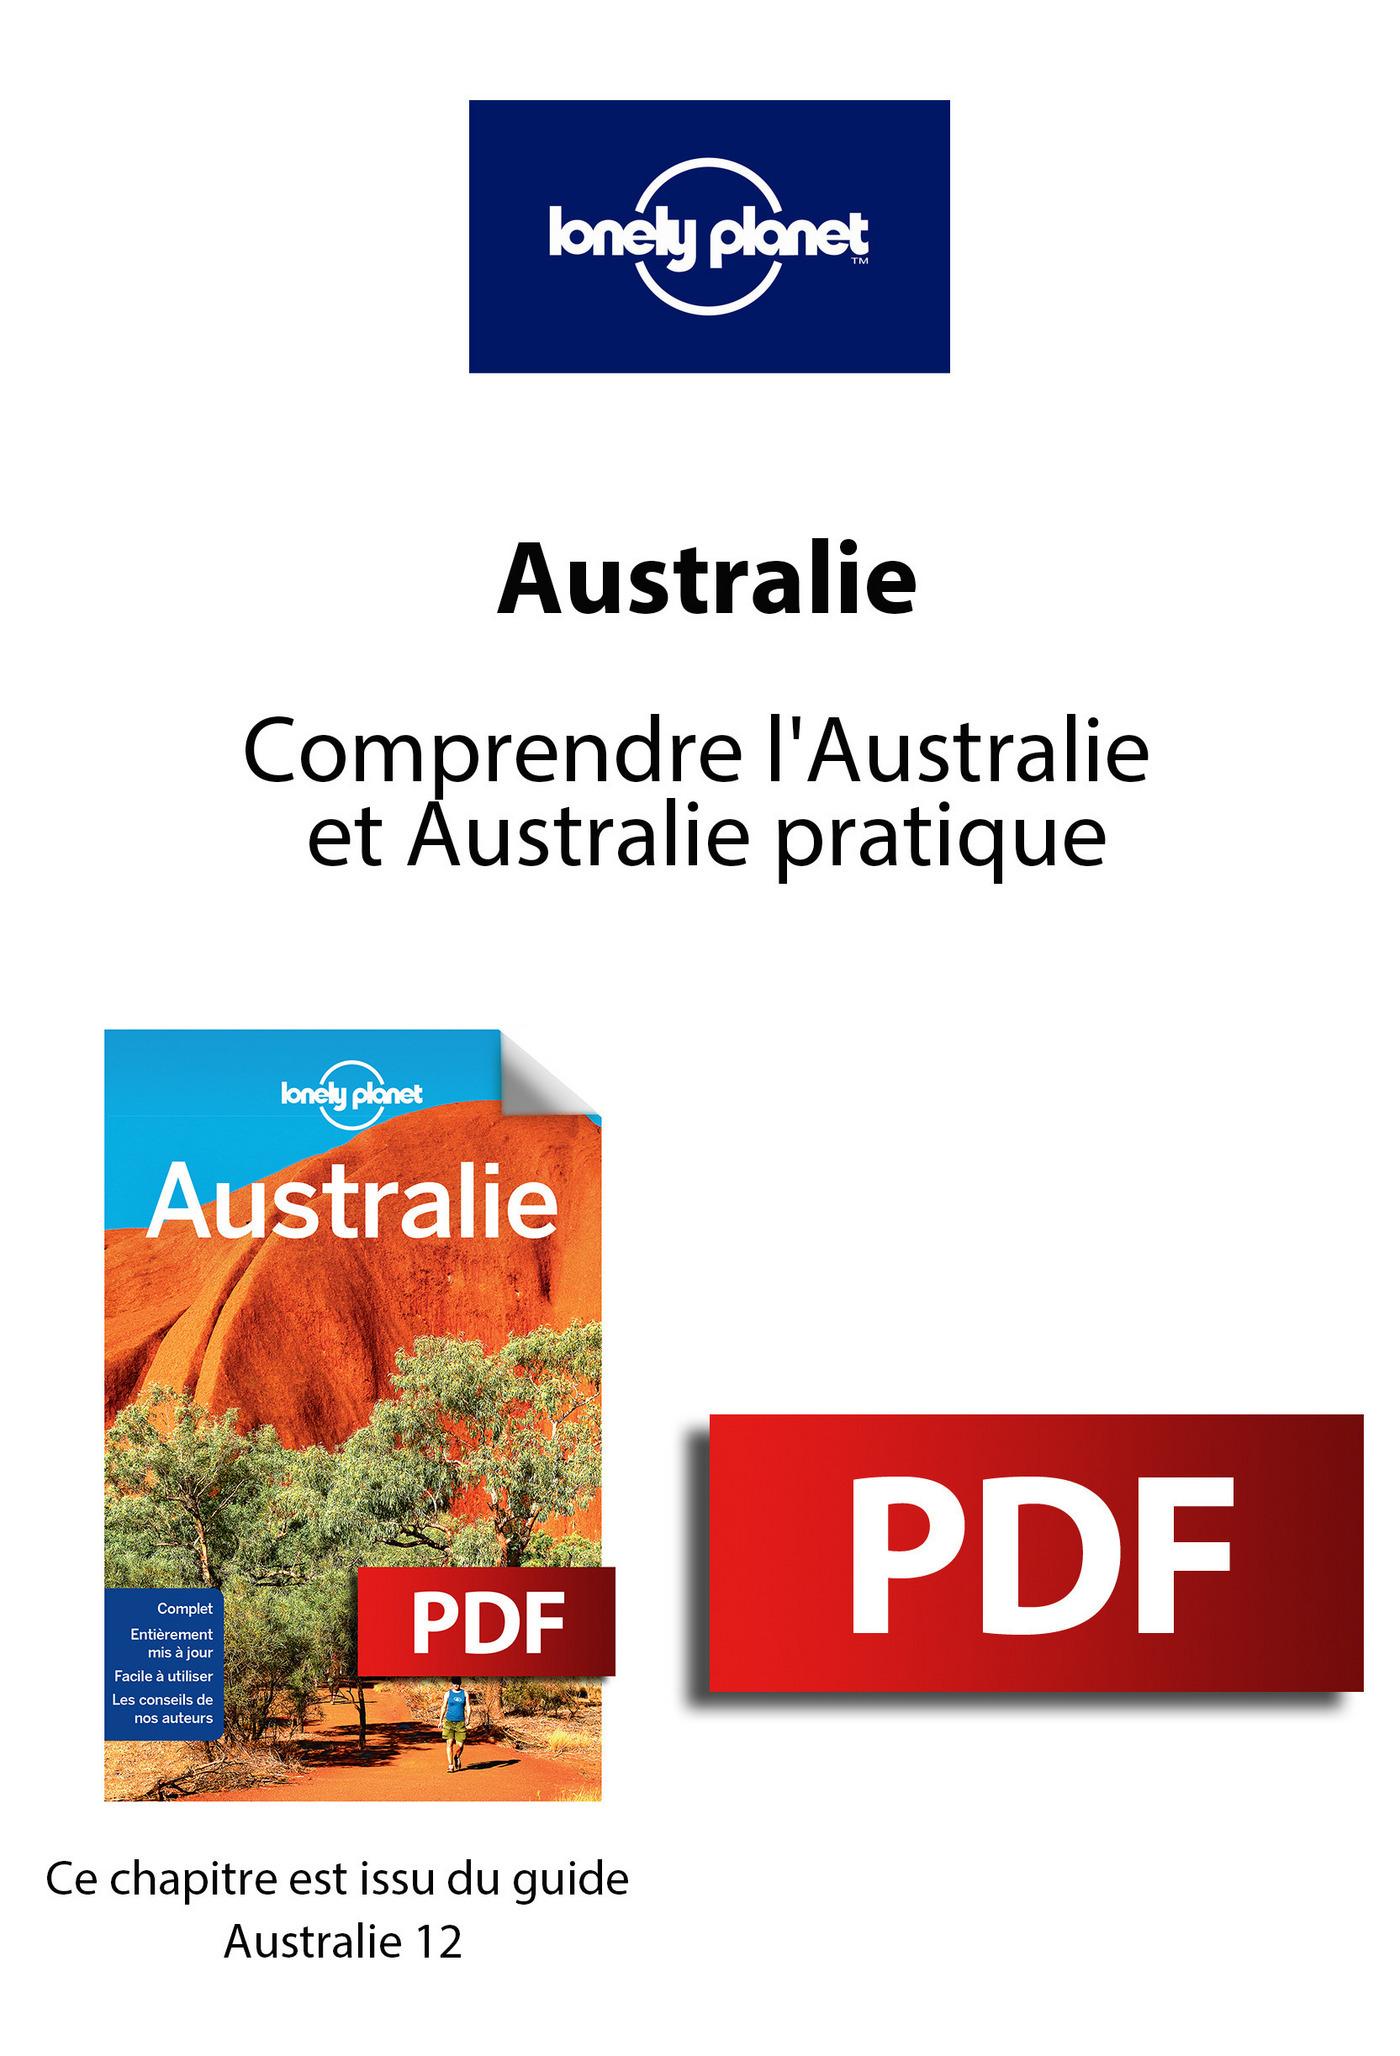 Australie - Comprendre l'Australie et Australie pratique